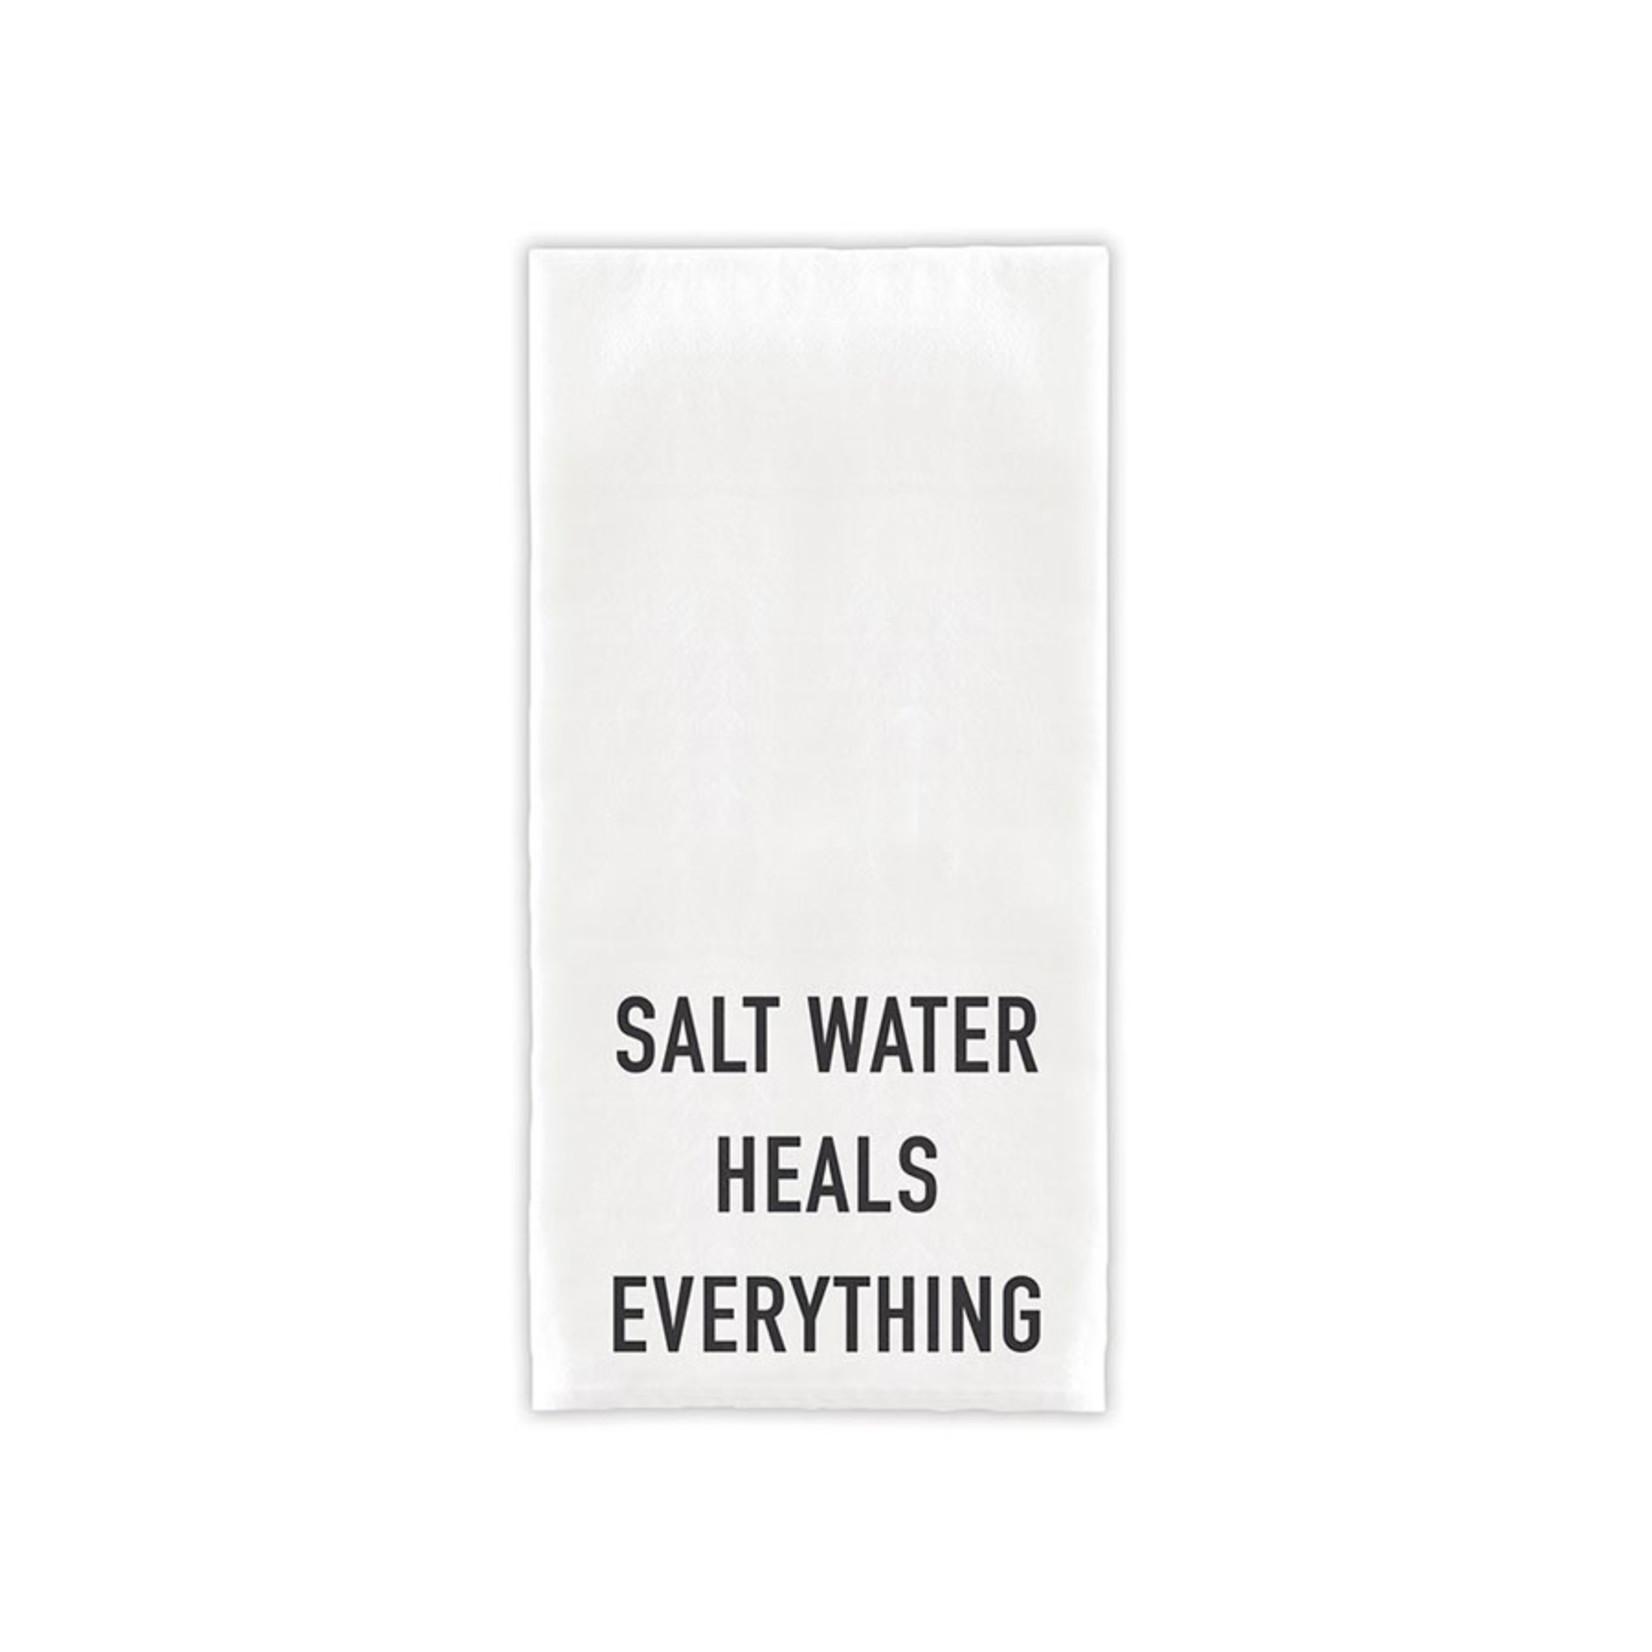 Creative Brands Sayings Dish Towel